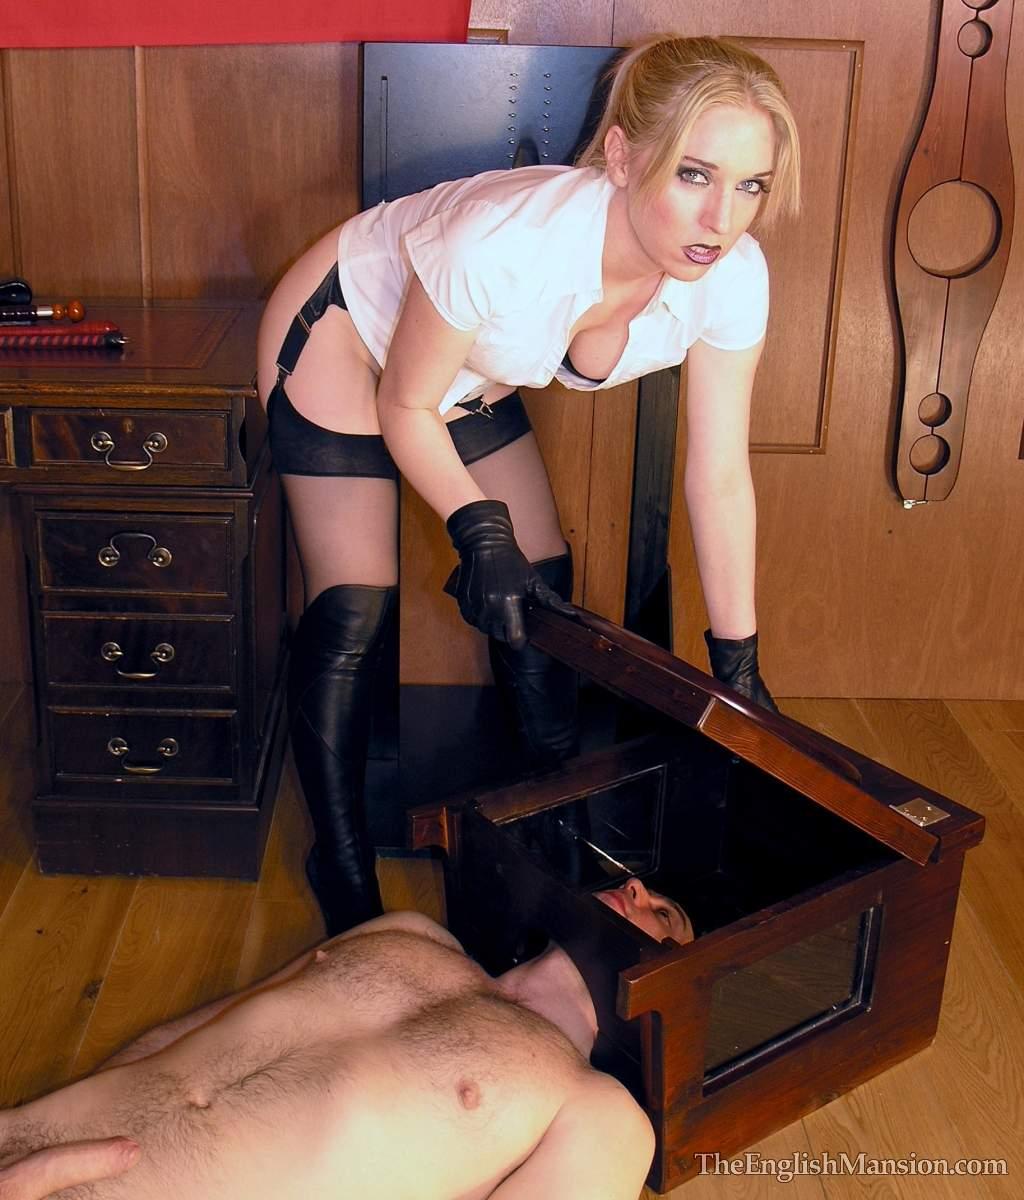 Servants porn pics nackt tube